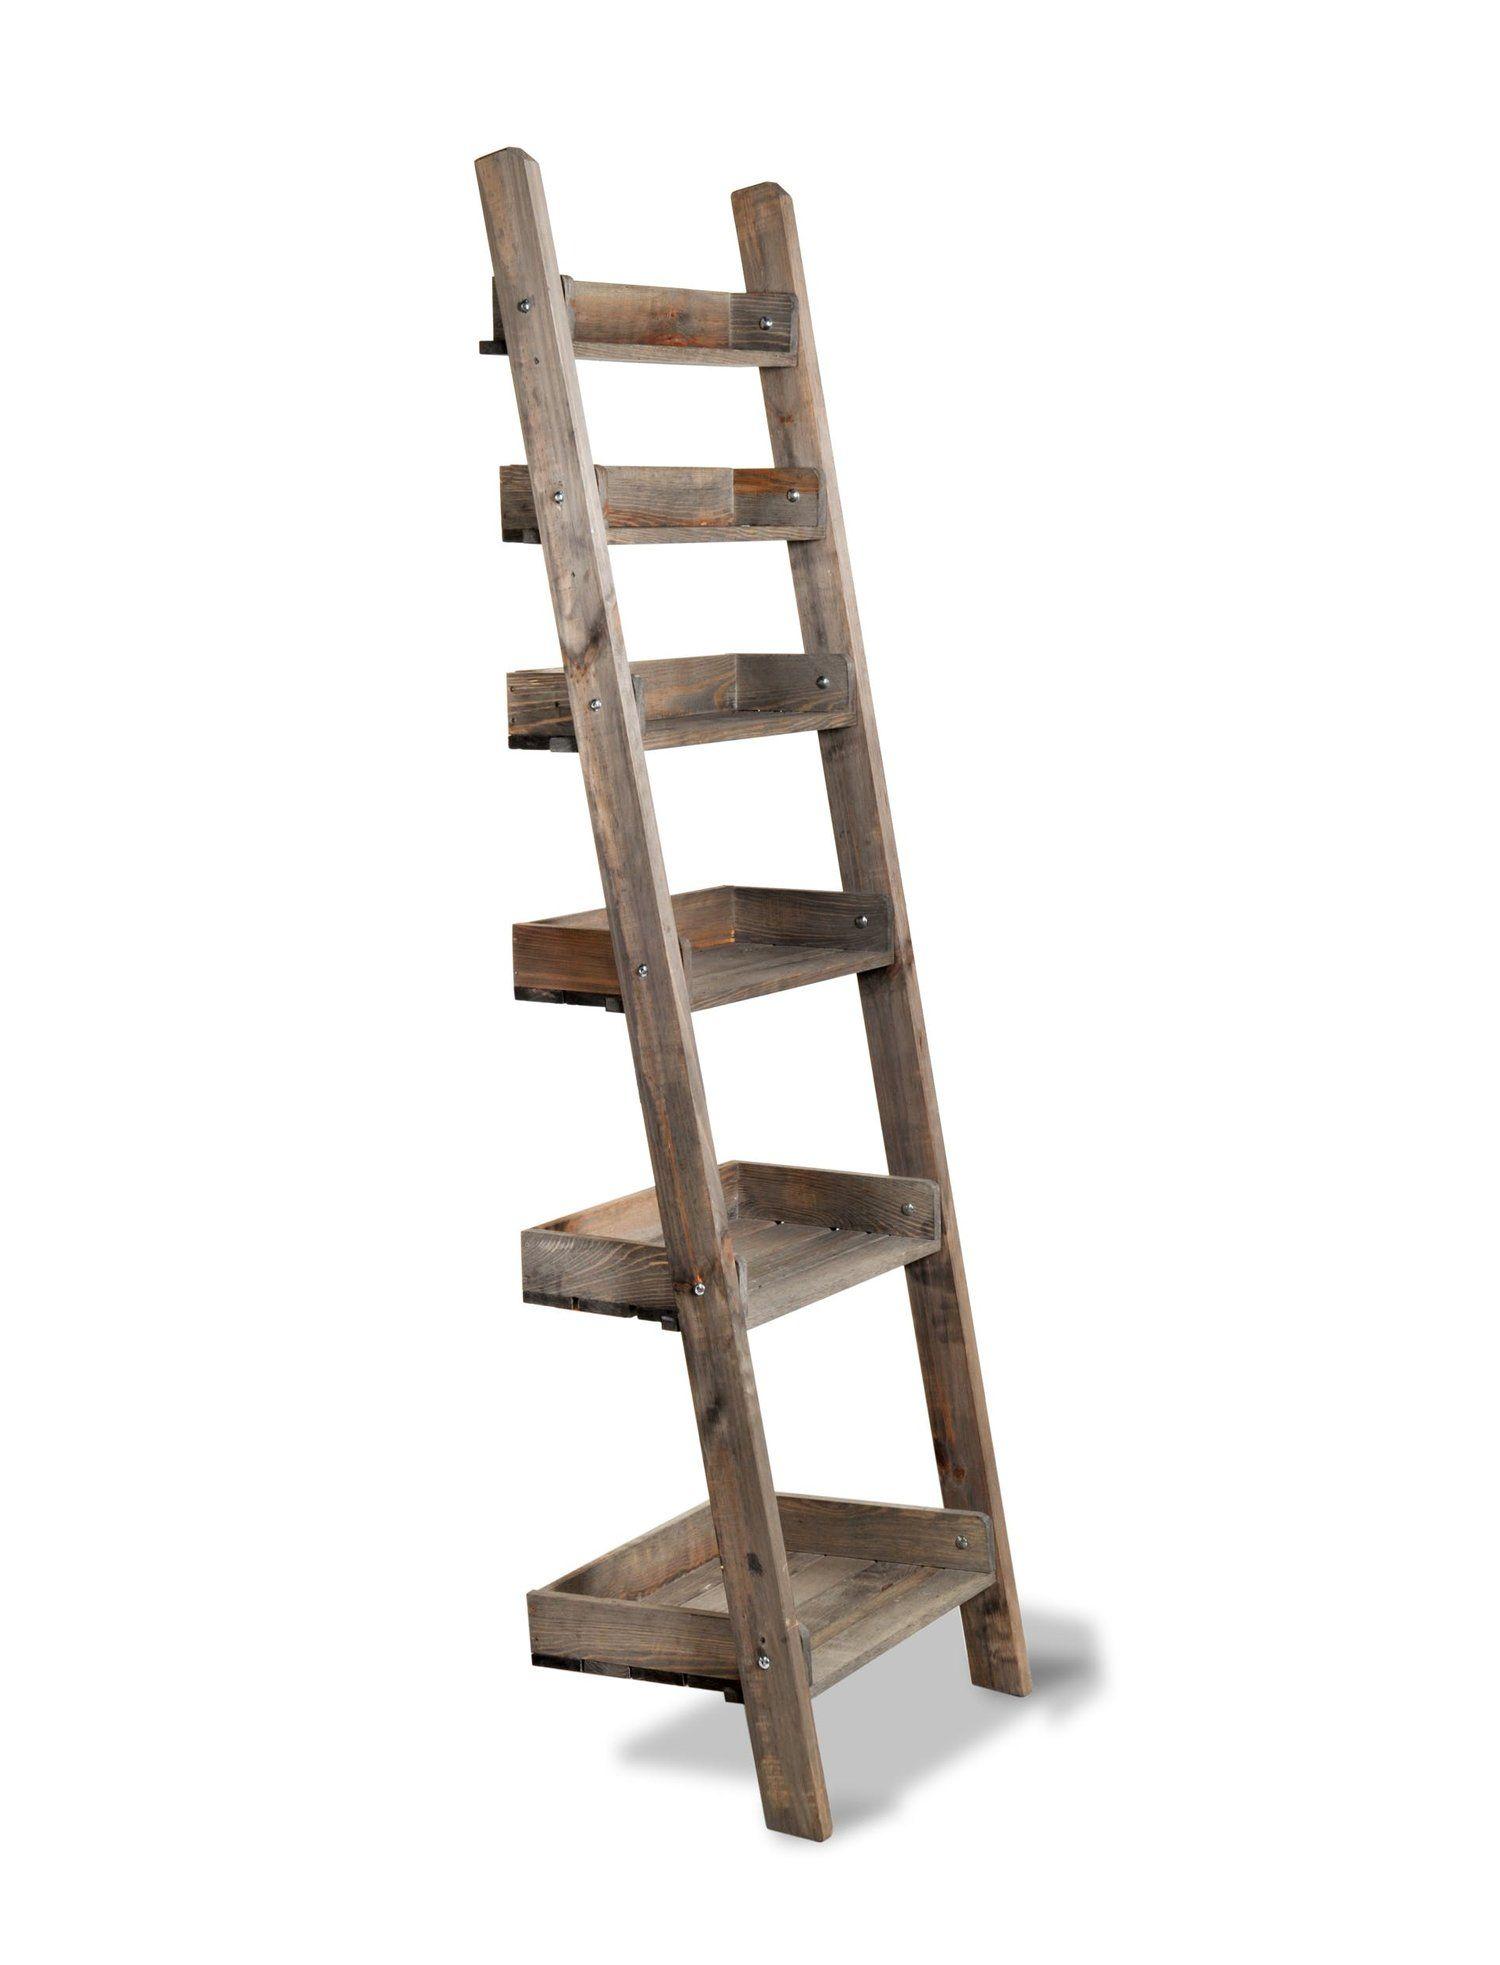 Aldworth Rustic Spruce Wooden Ladder Shelves Wooden Ladder Shelf Rustic Wooden Shelves Wooden Ladder